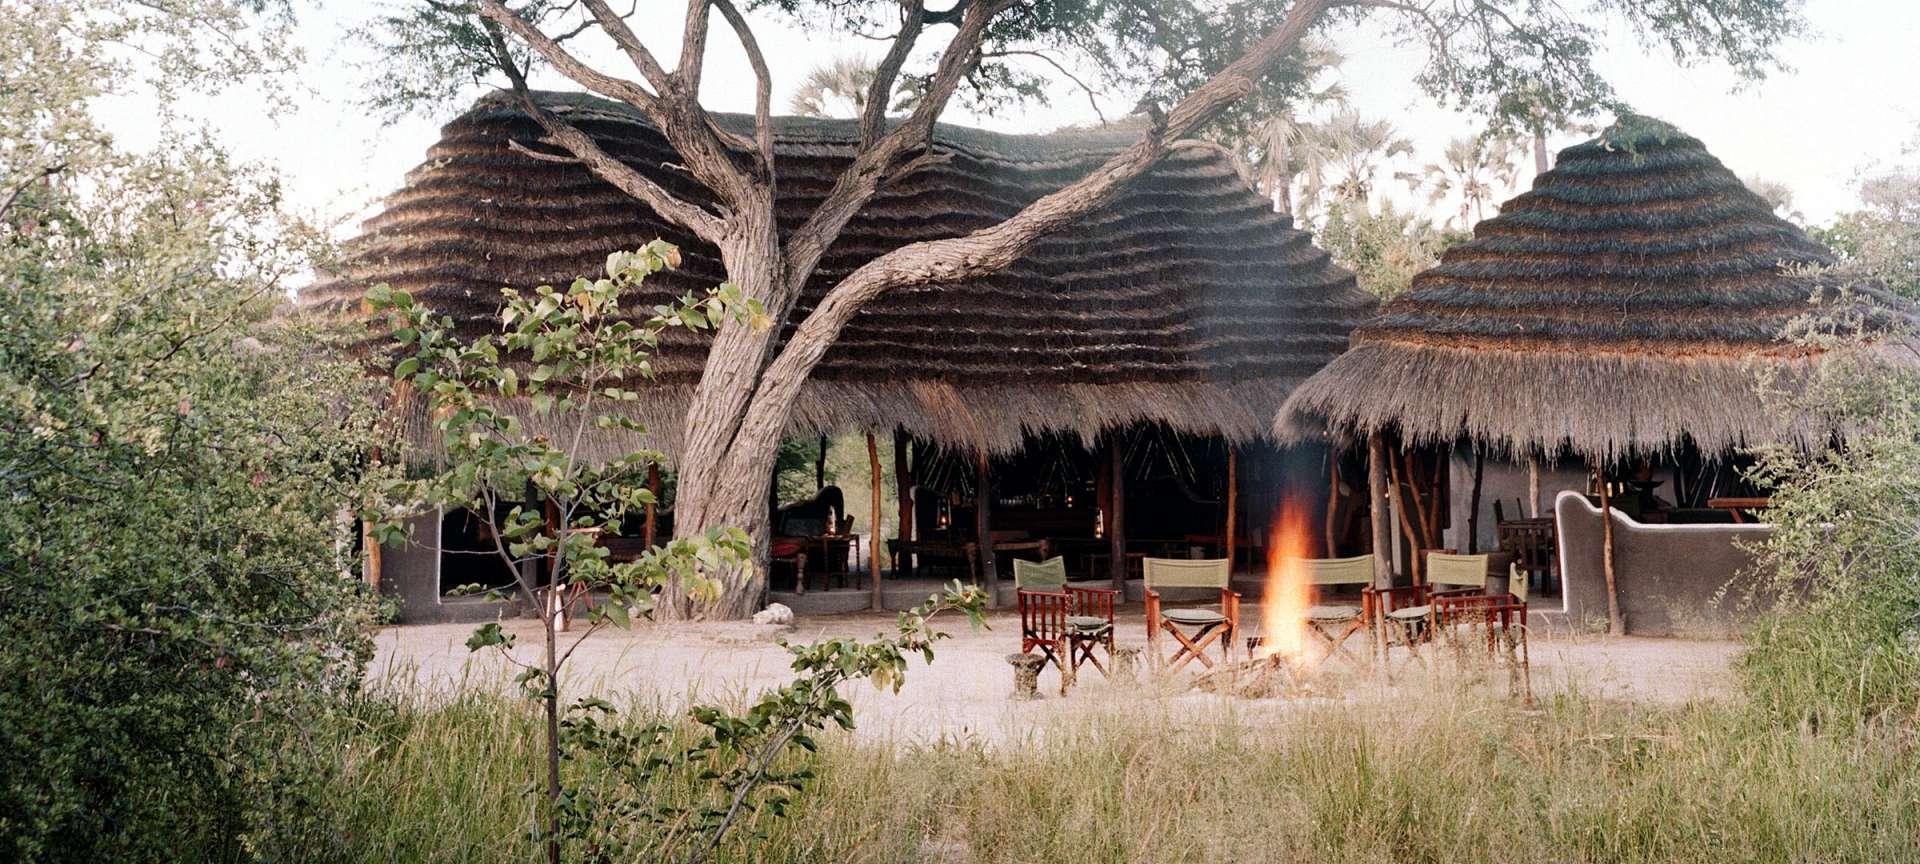 Camp_Kalahari_UA_BSC_12